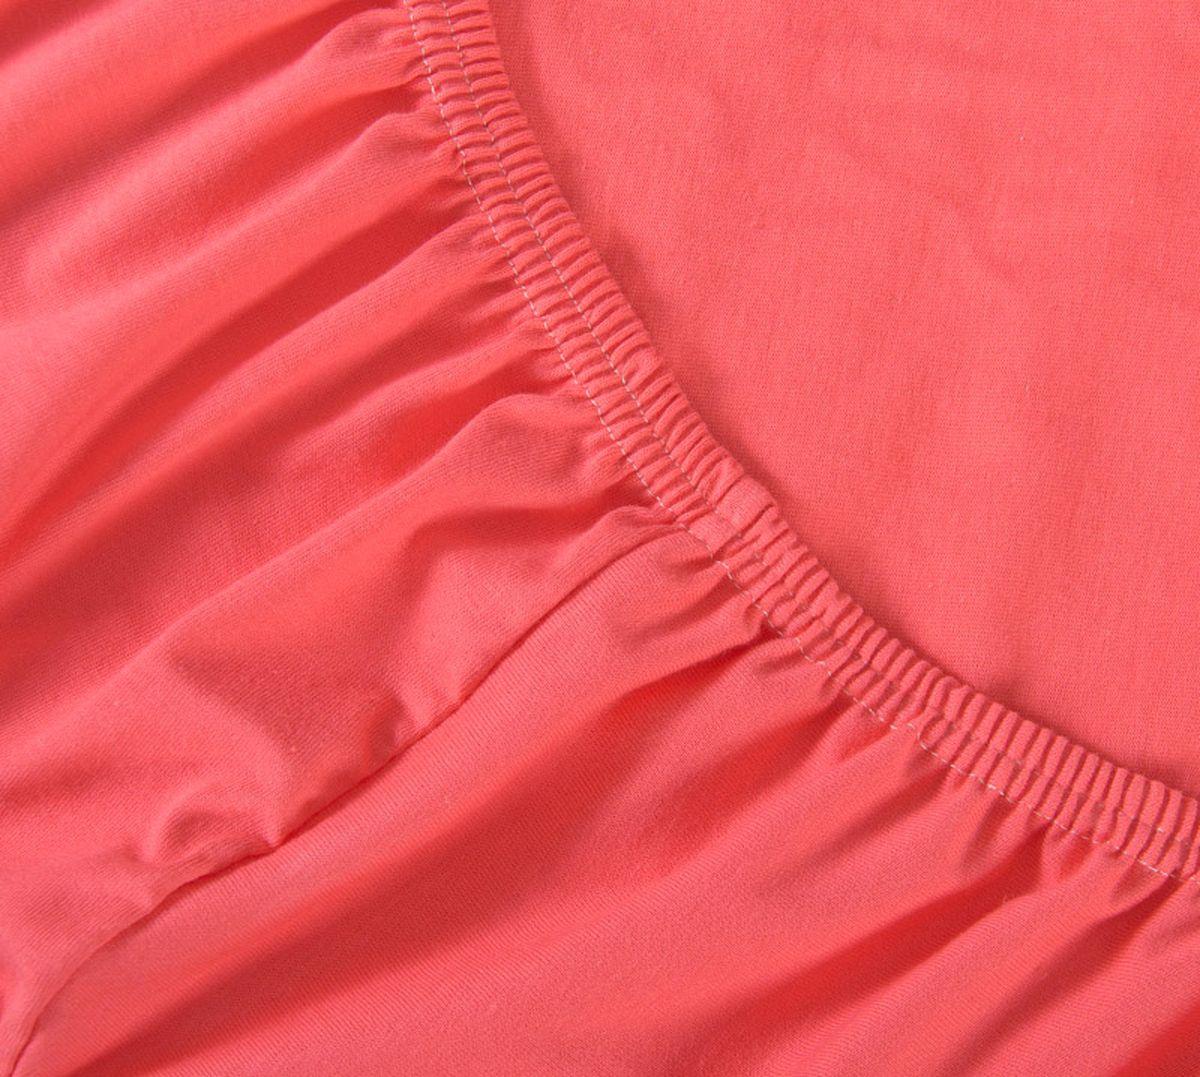 Простыня Текс-Дизайн, на резинке, цвет: коралловый, 180 х 200 х 20 смР014ТПростыня Текс-Дизайн изготовлена из трикотажа высокого качества, состоящего на 100% из хлопка. По всему периметру простыня снабжена резинкой, что обеспечивает комфортный отдых, и избавляет от неприятных ощущений скомкавшейся во время сна изделия. Простыня легко одевается на матрасы высотой до 20 см. Идеально подходит в качестве наматрасника. Трикотаж эластичен и растяжим, практически не мнется и не теряет форму после стирки. И кроме того он очень красиво выглядит и приятен на ощупь.